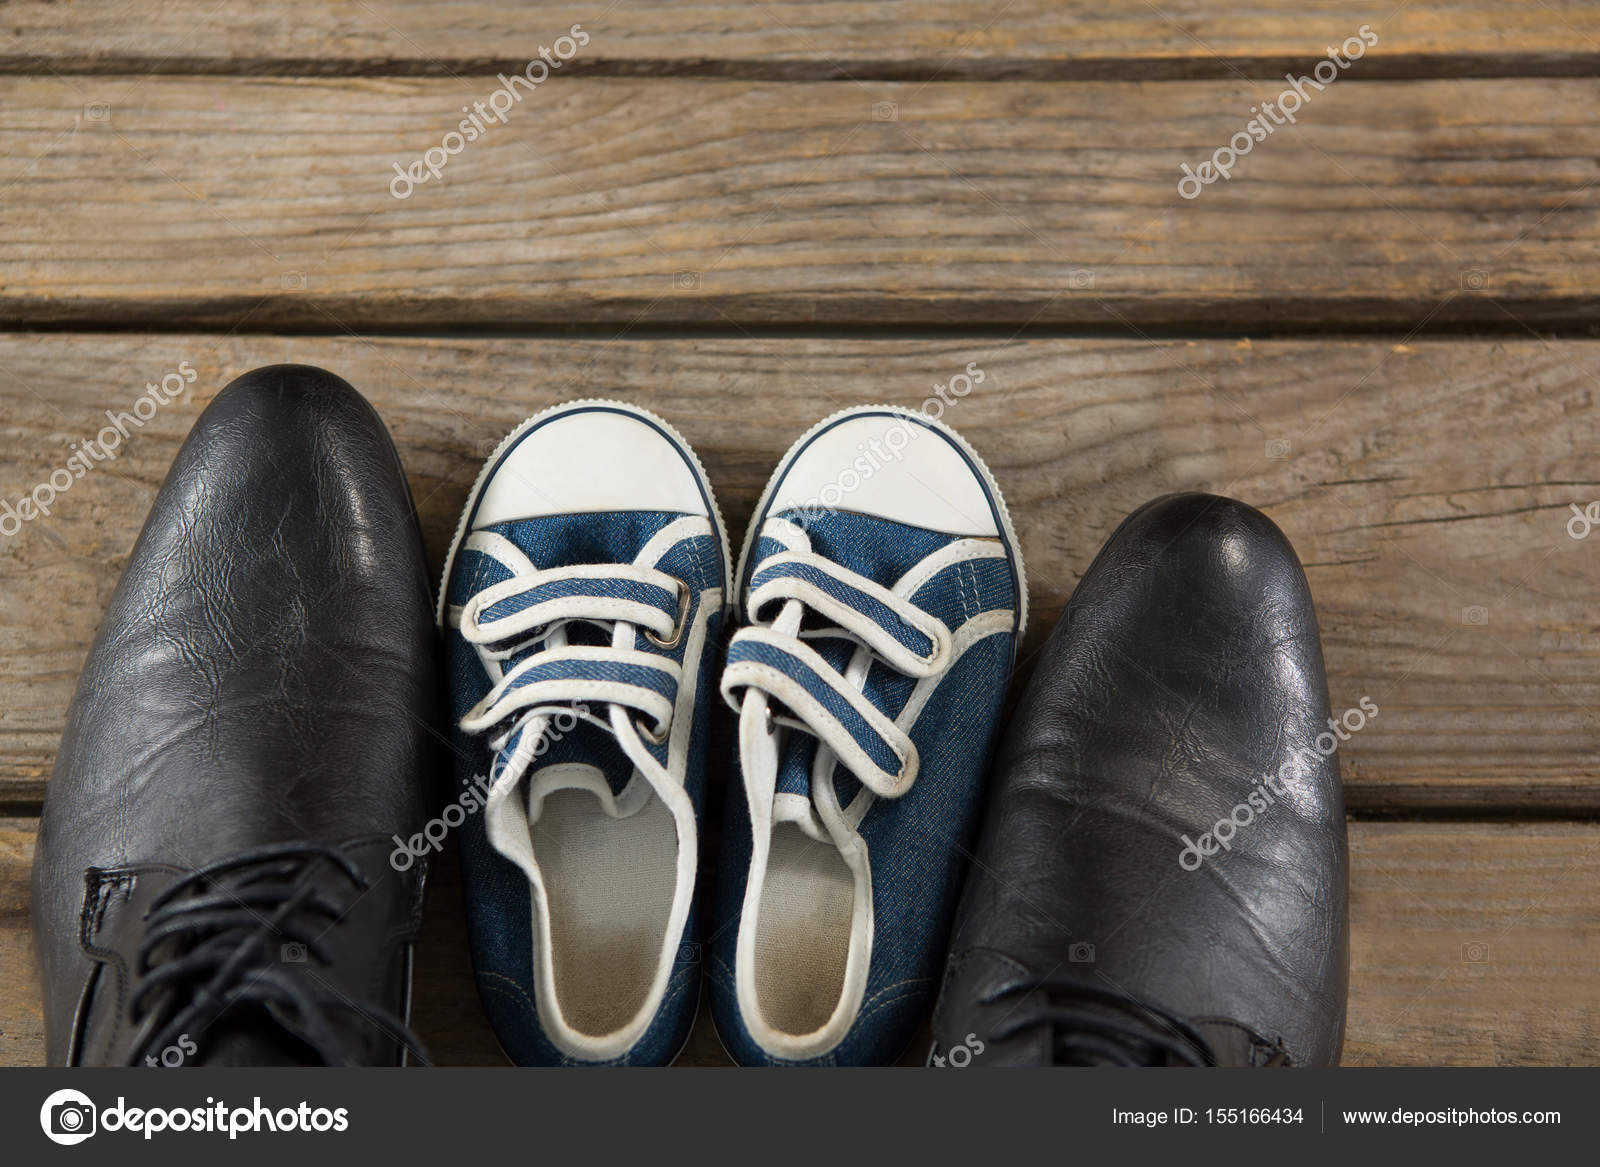 84391408ef4 αρσενικό παπούτσια και Παιδικά πάνινα παπούτσια — Φωτογραφία Αρχείου ...